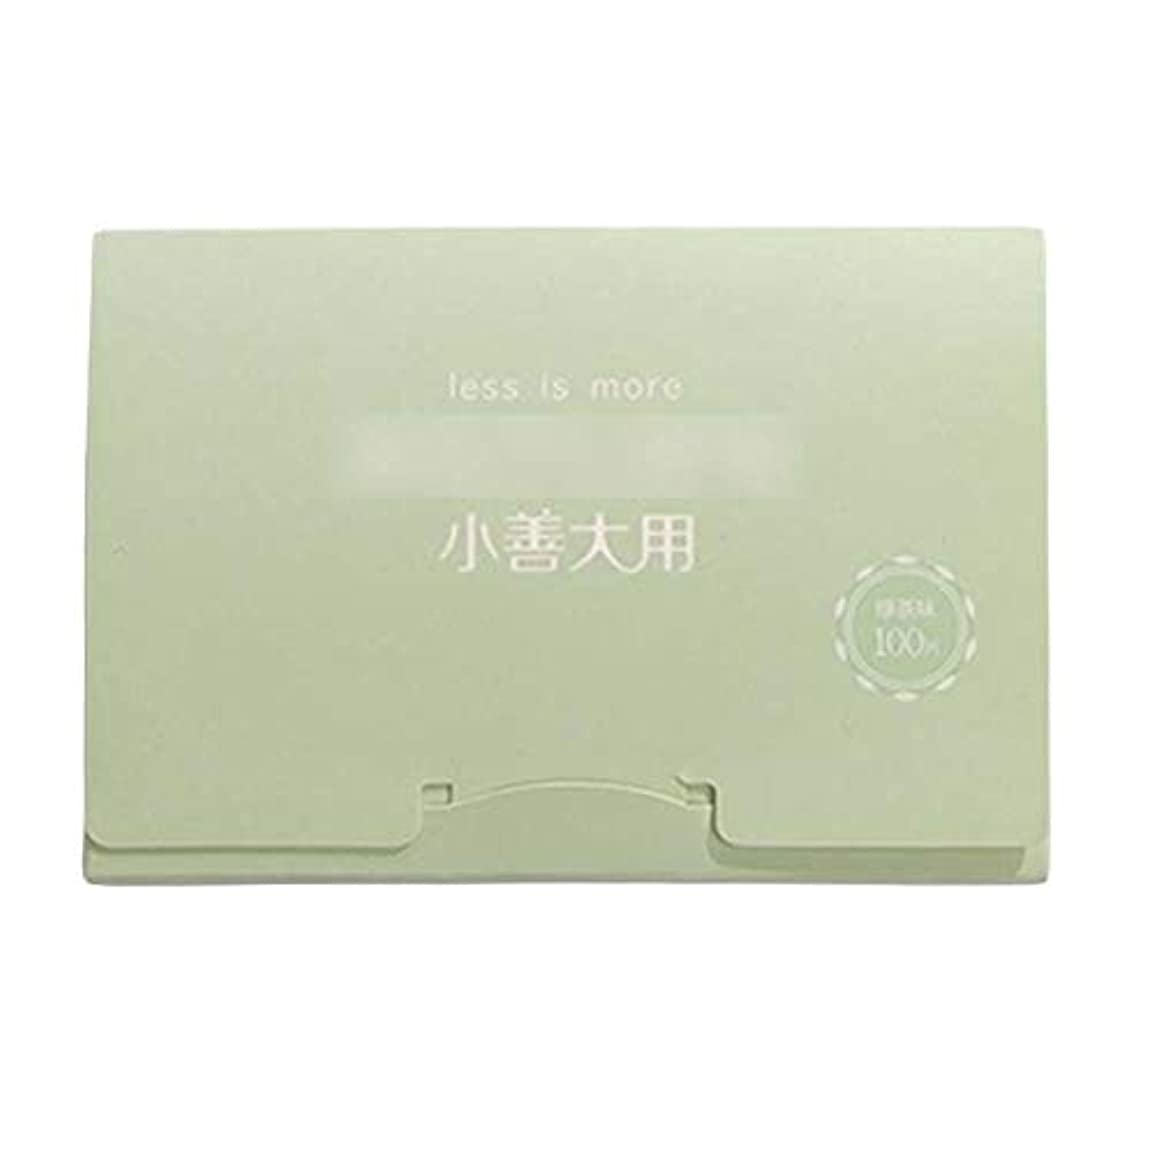 緑茶夏顔用携帯用あぶらとりティッシュペーパー、300枚